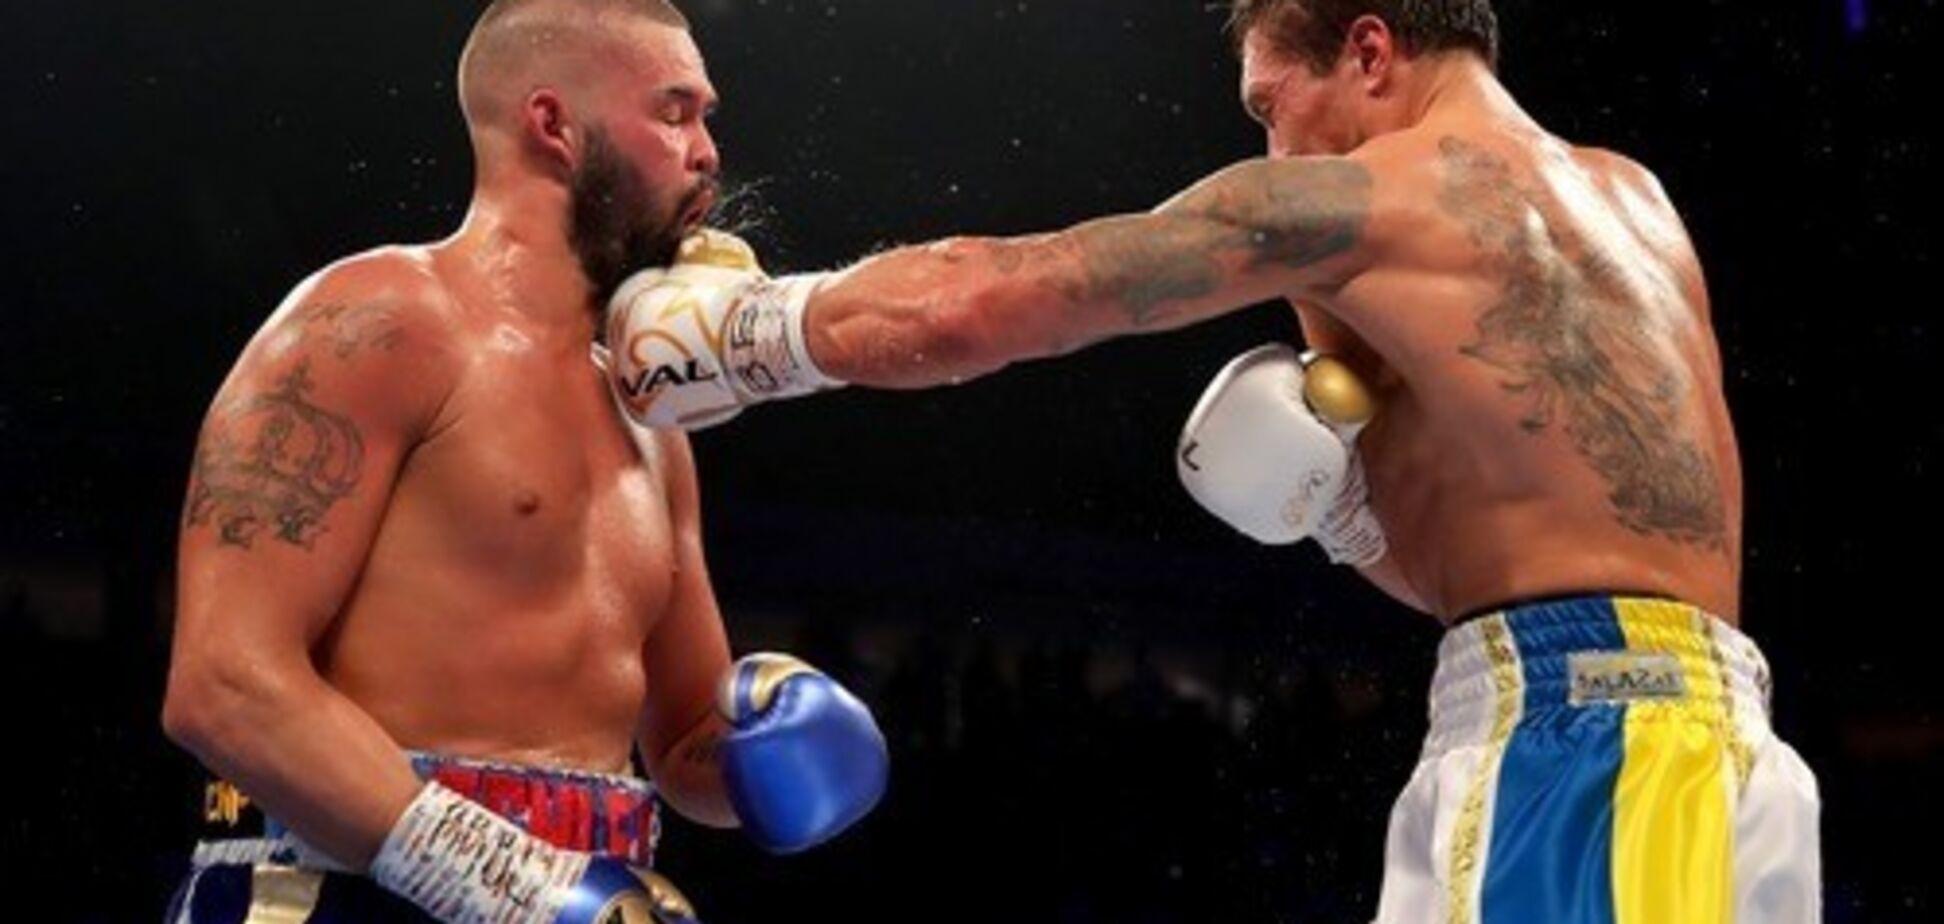 'Був сам не свій': промоутер Белью про стан боксера після нокауту